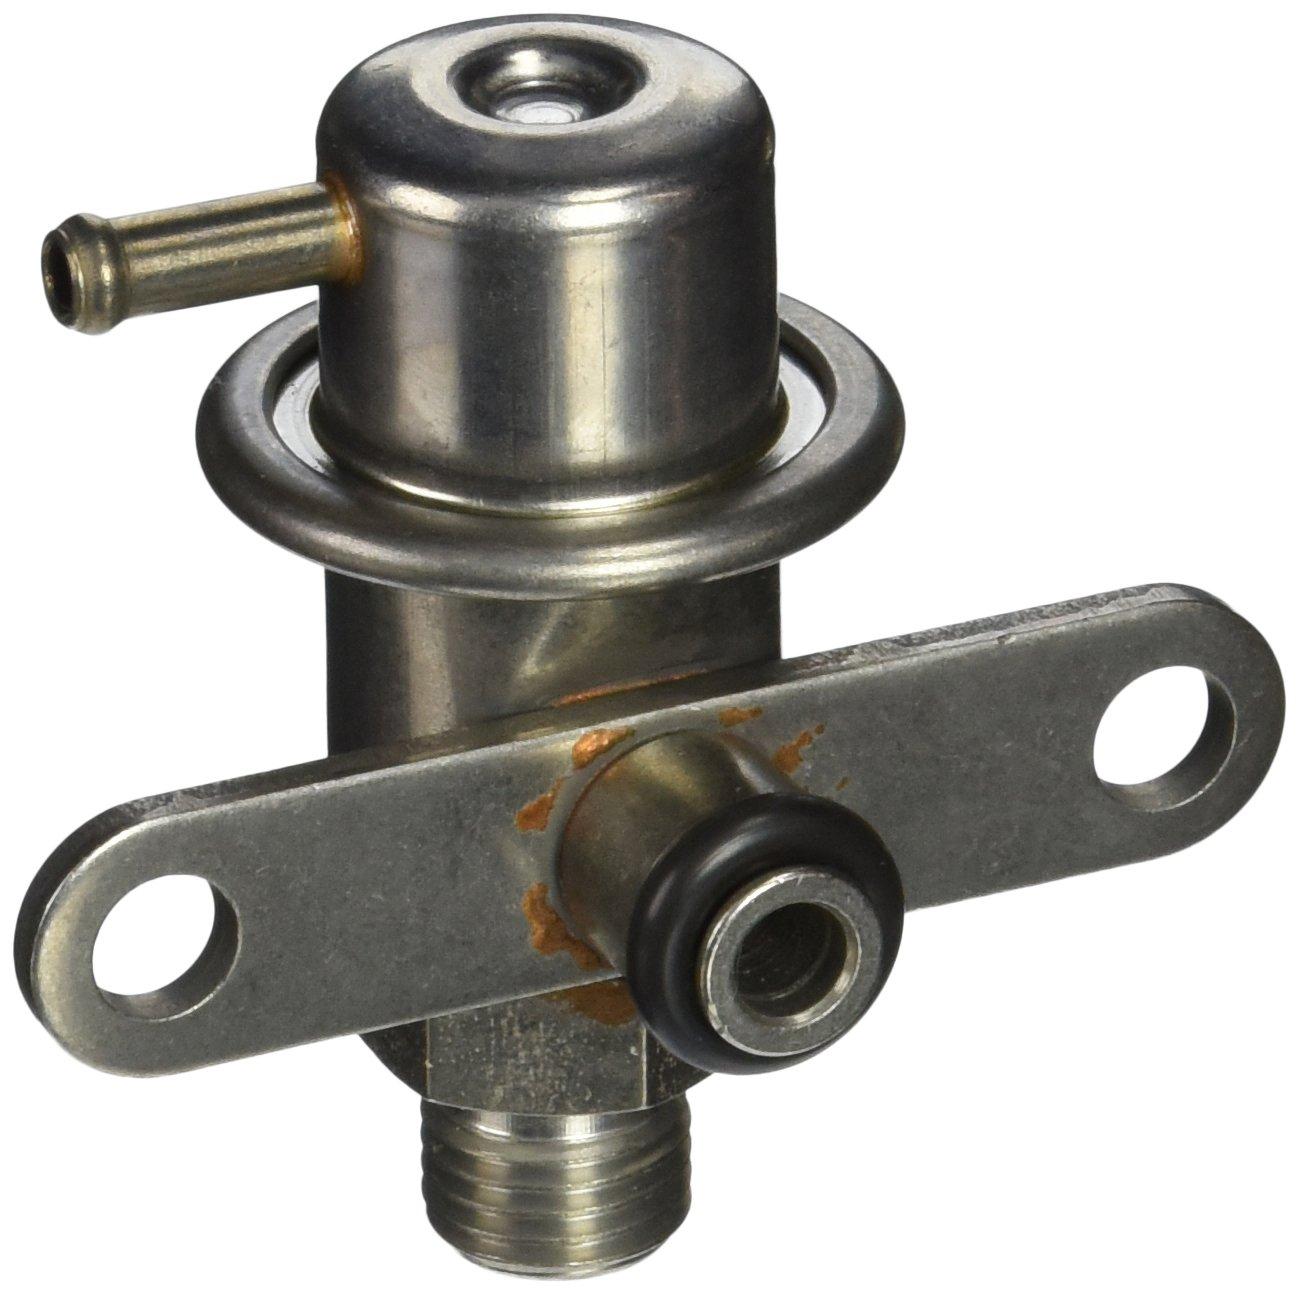 Standard Motor Products FPD20 Fuel Pressure Damper